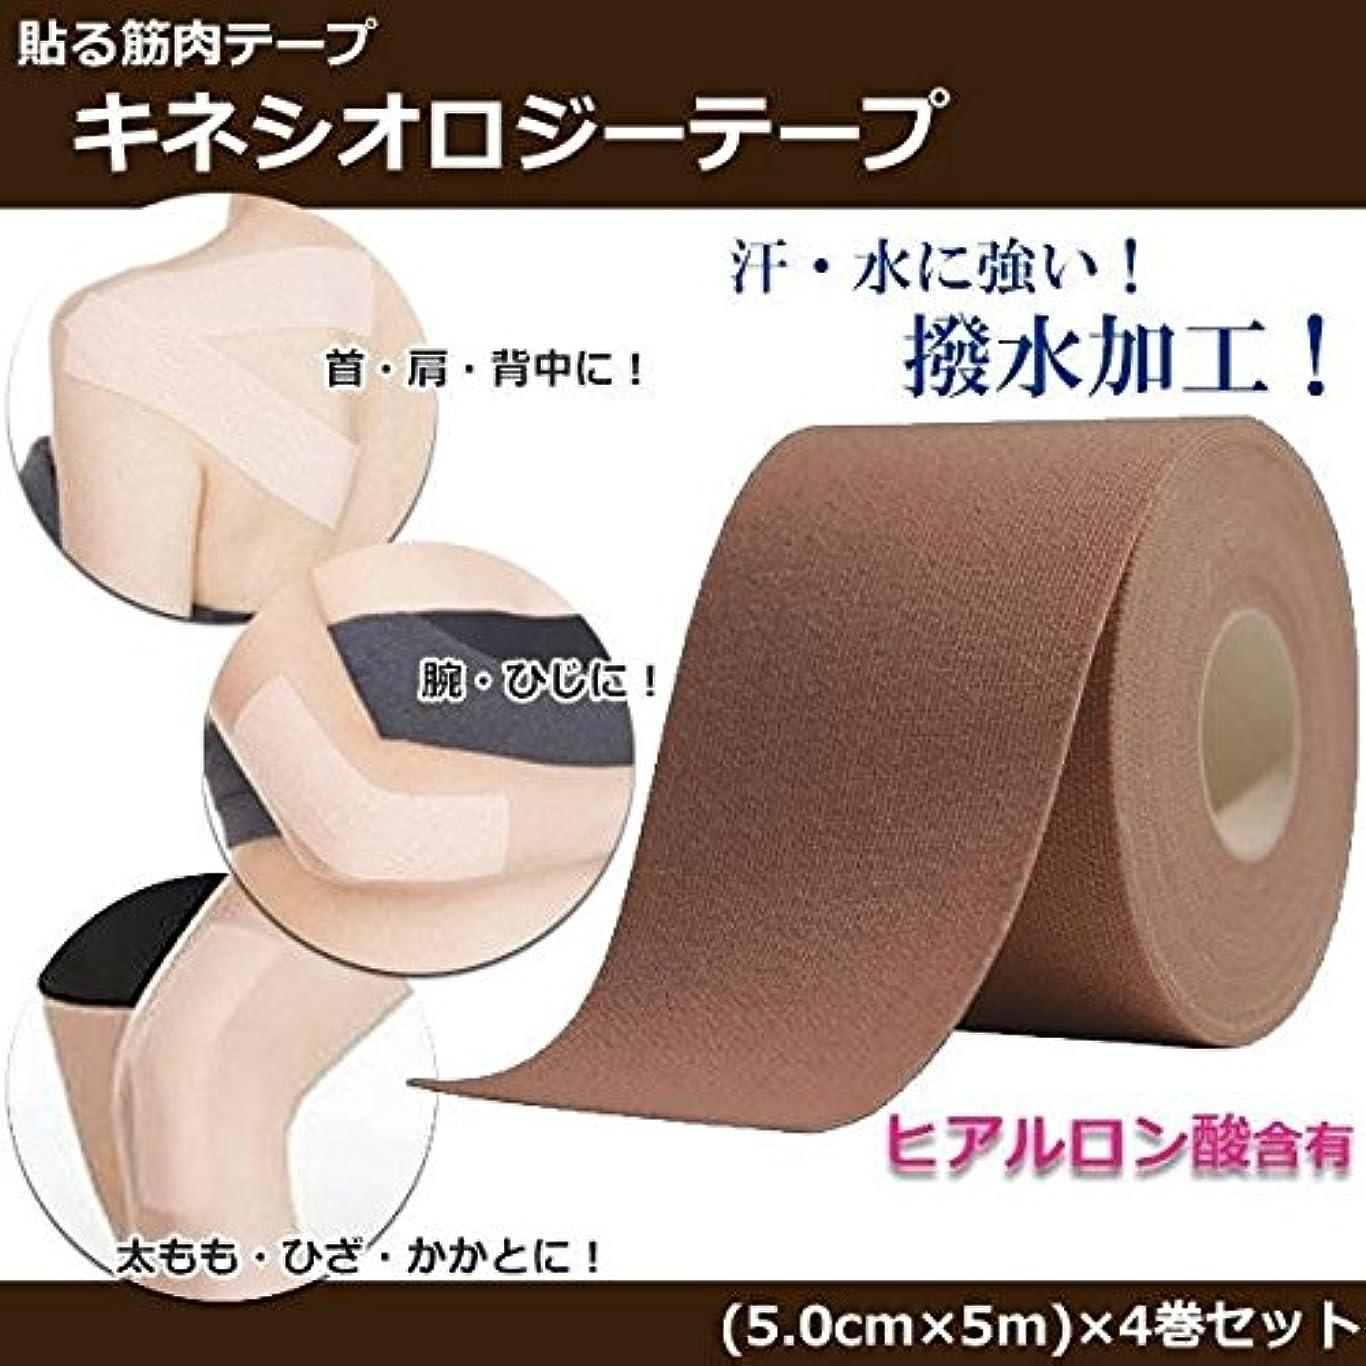 マサッチョ民主主義獲物貼る筋肉テープ キネシオロジーテープ ヒアルロン酸含有 日本製 4巻セット